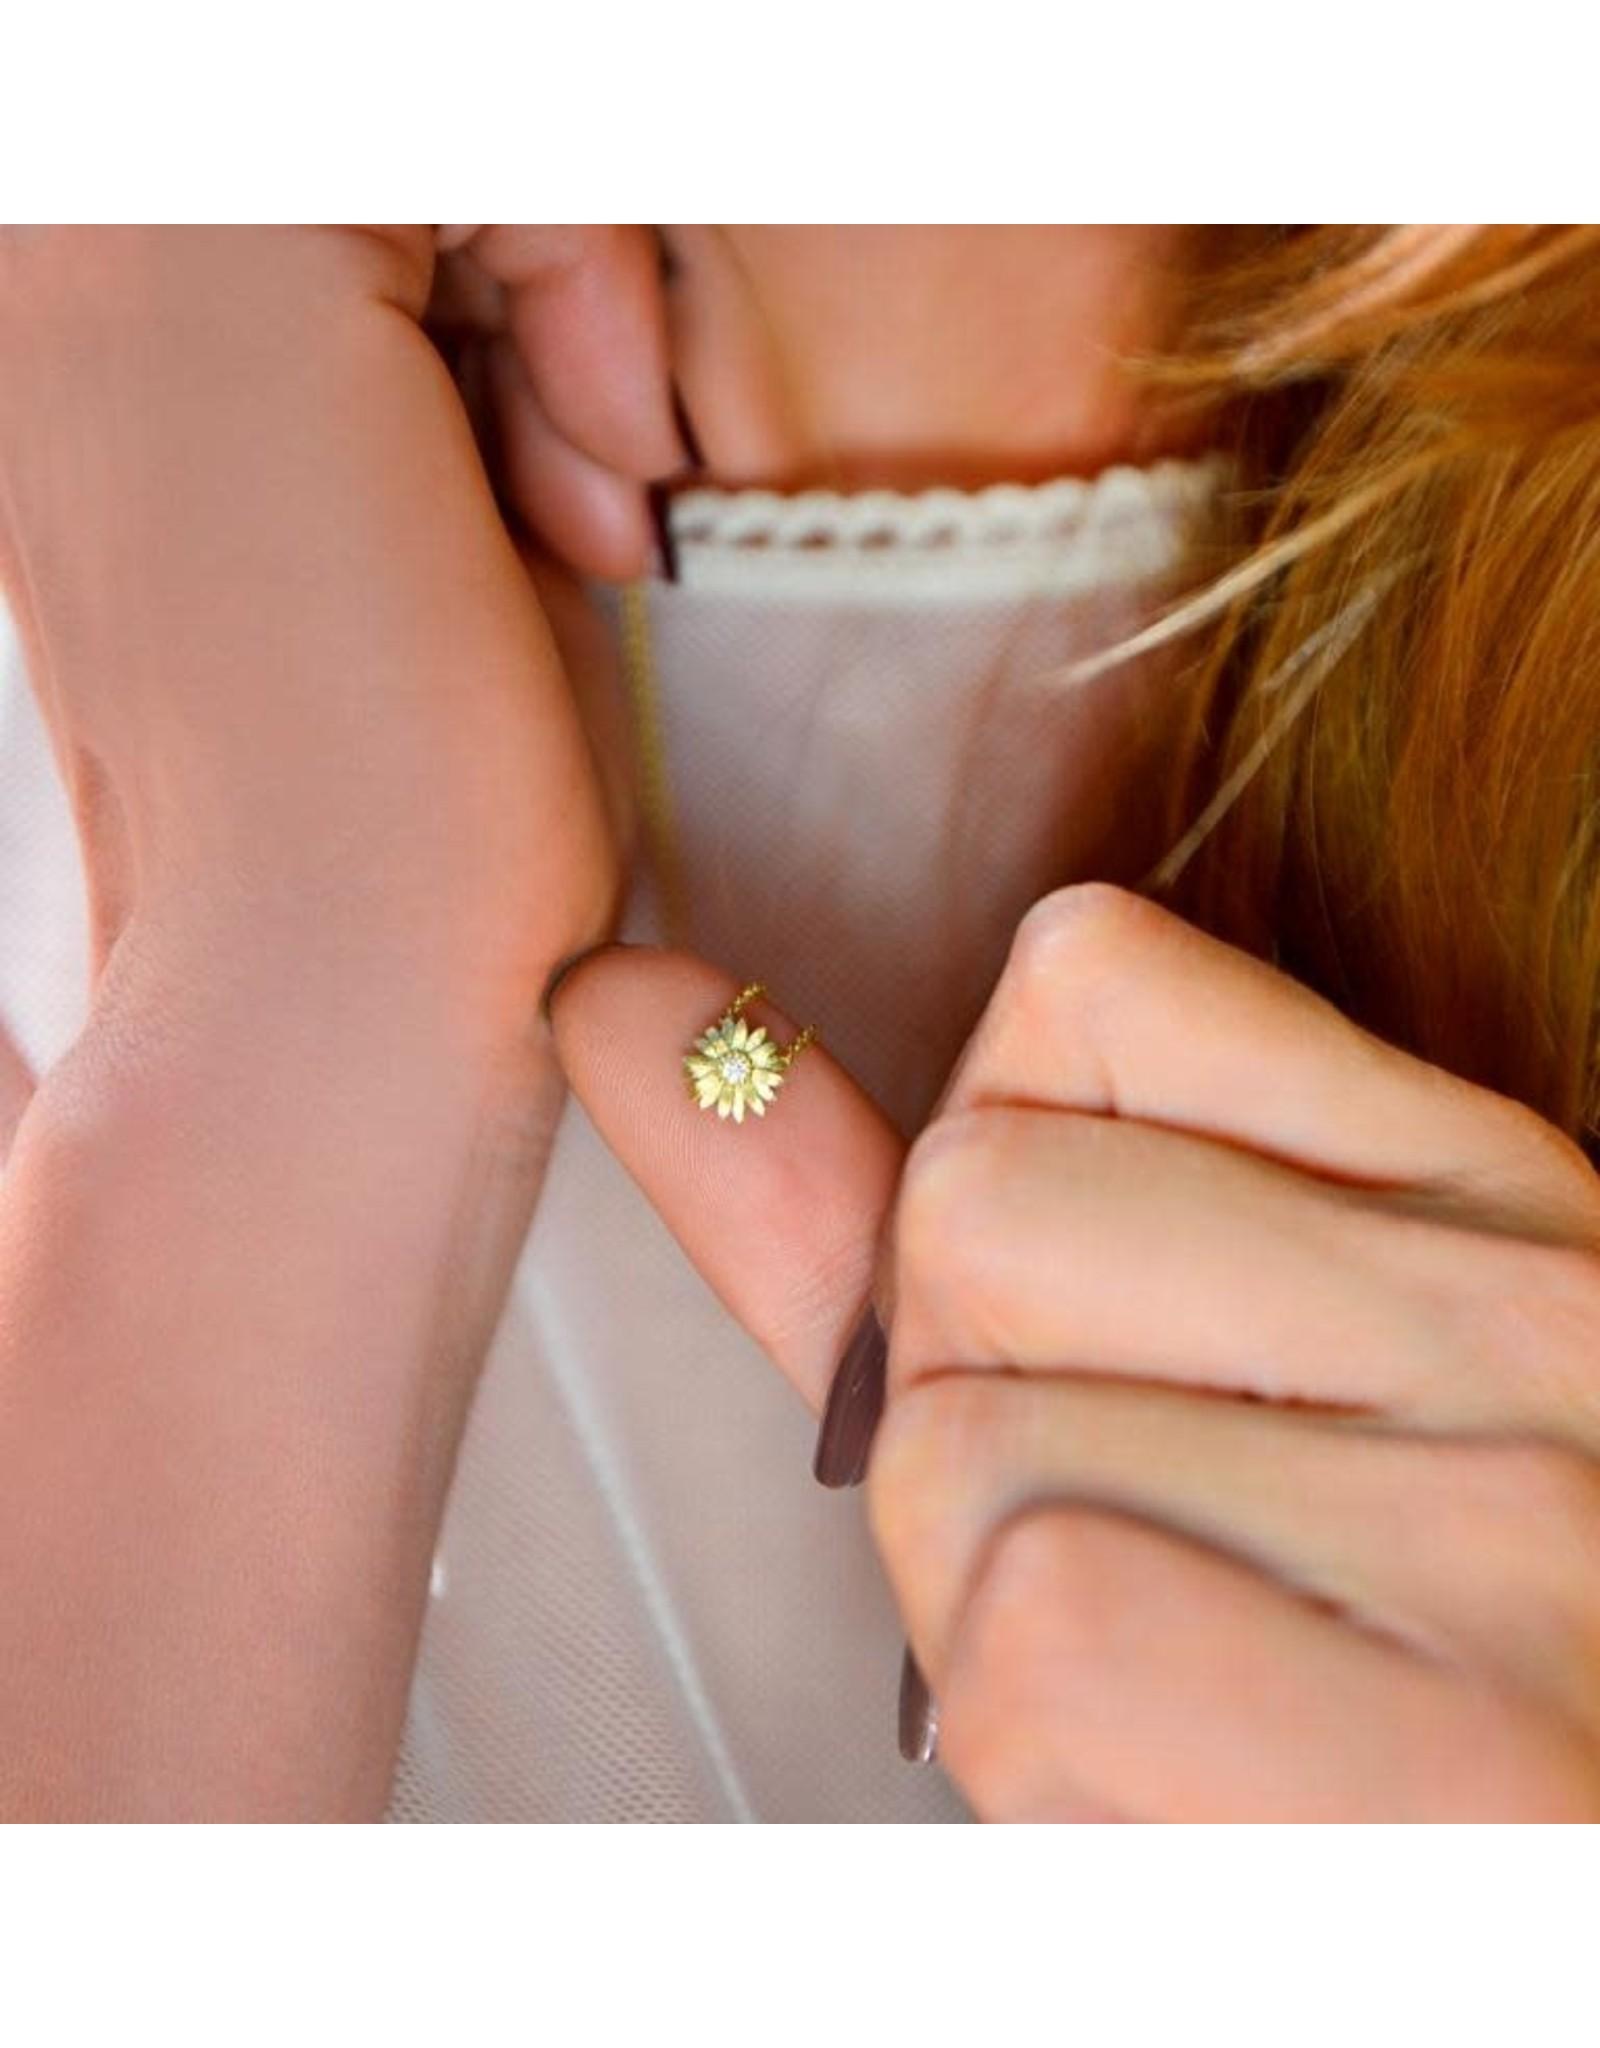 Sopro Ketting Love me Love me not - Daisy flower - Zilver Verguld - Steen : Zirkoon - Ketting : 38 / 43 cm, Daisy : 0,8 x 0,8 cm